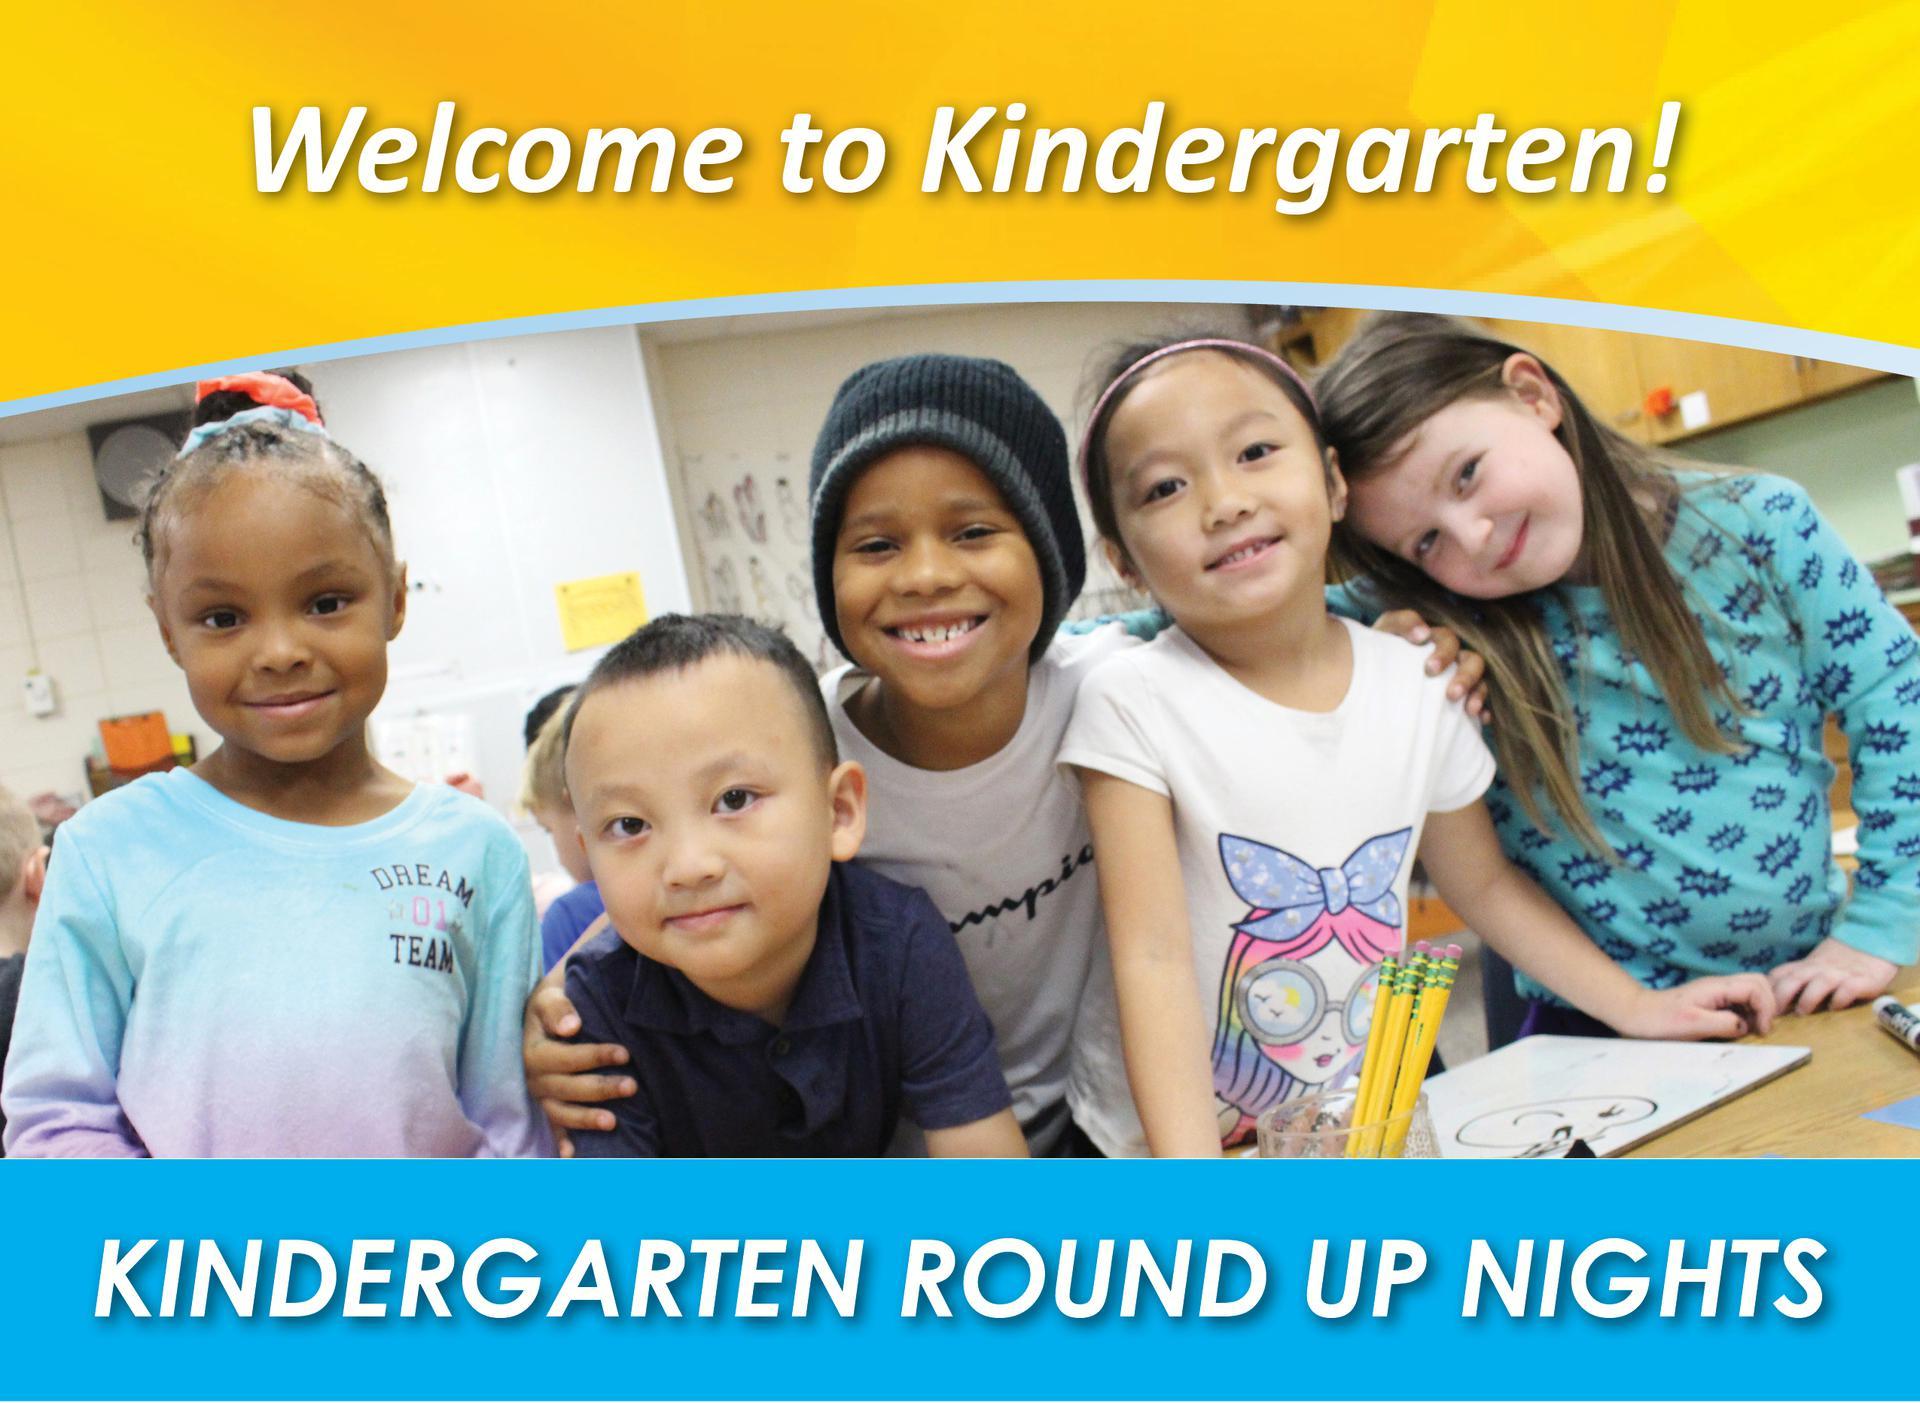 Kindergarten Round Up Nights